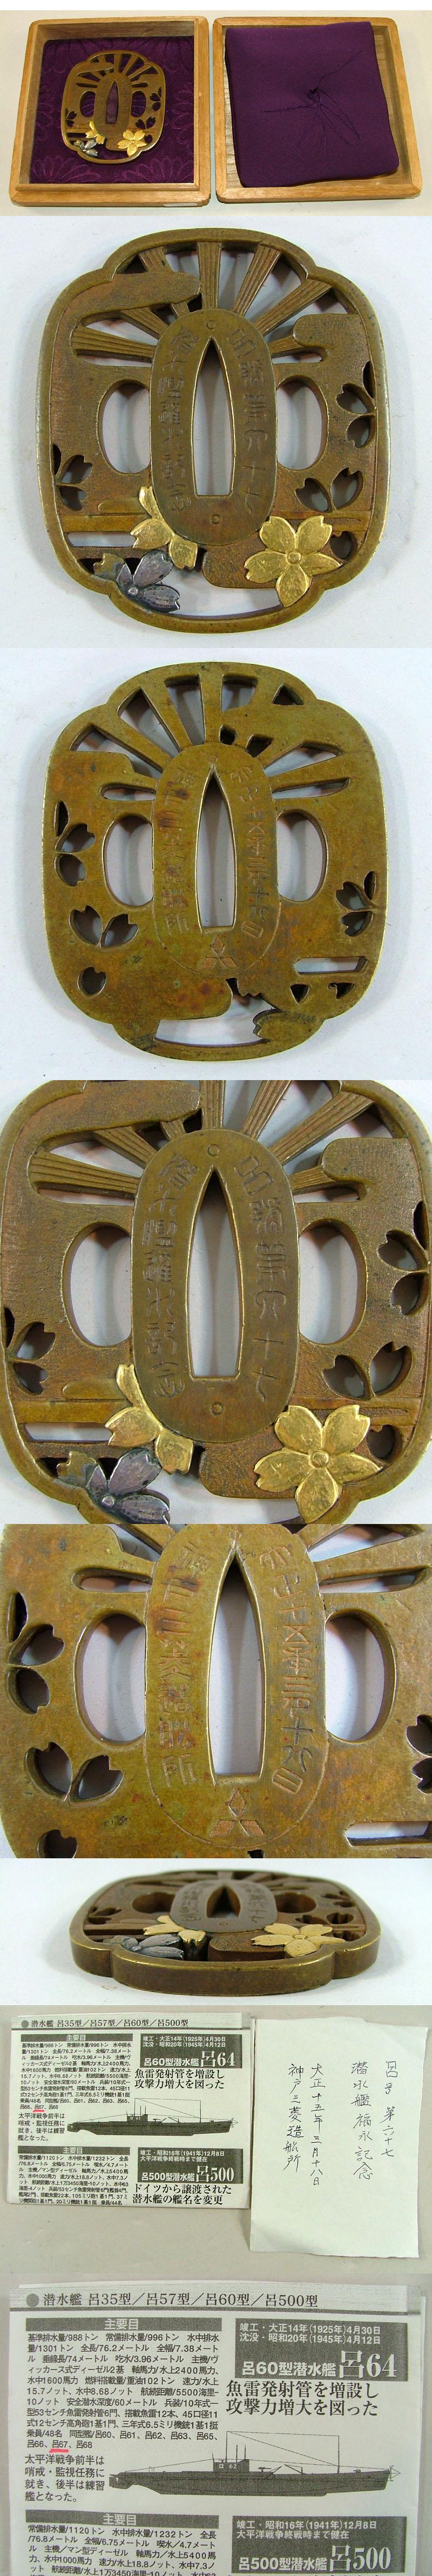 呂No.67 潜水艦福永記念 Picture of parts